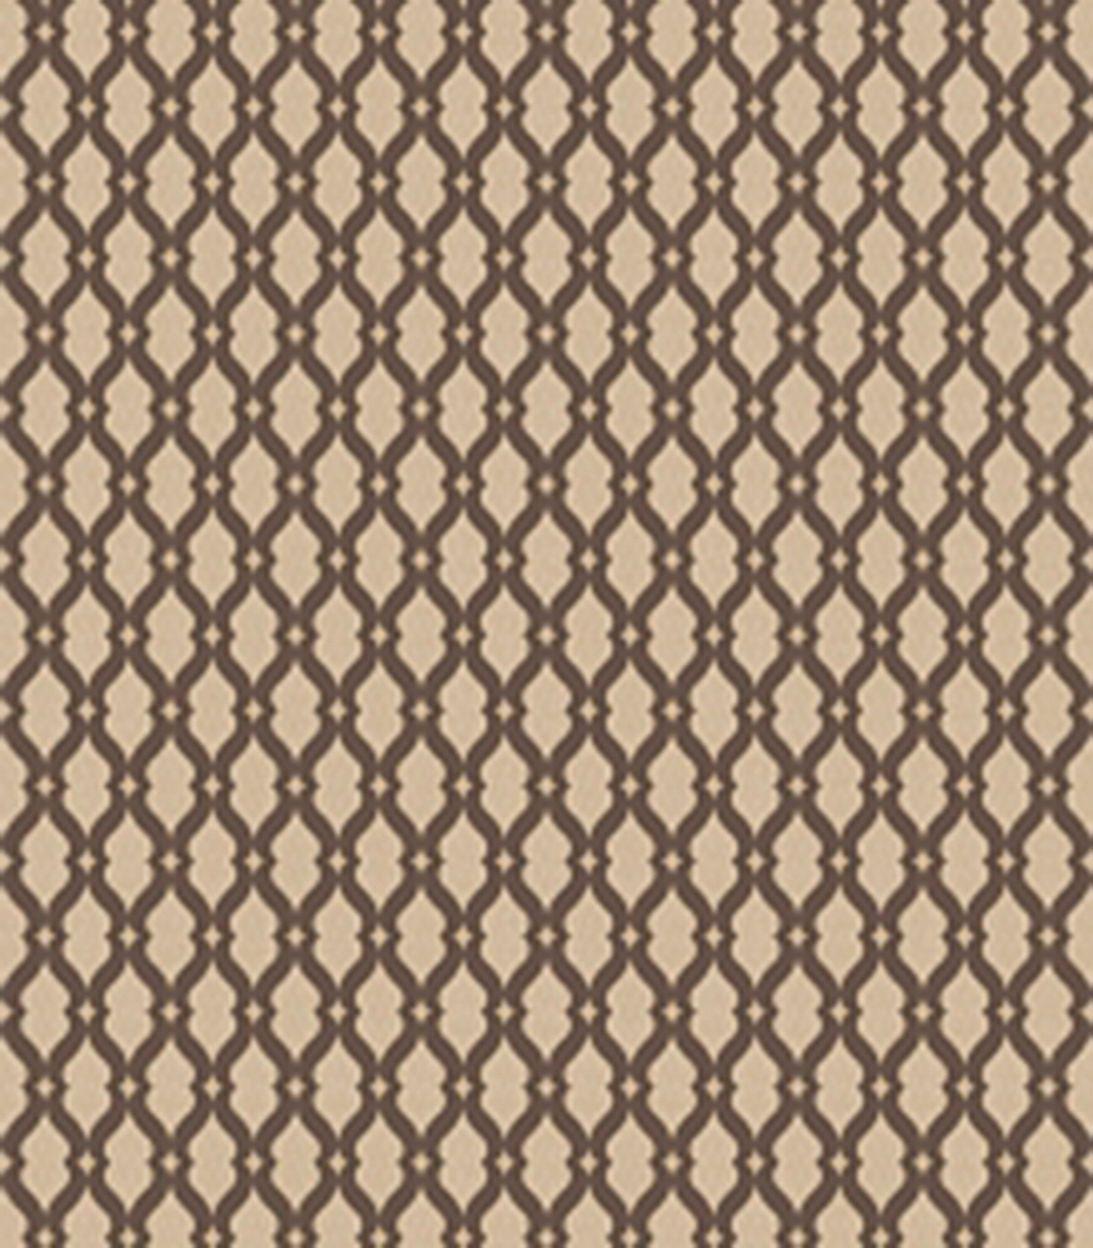 цена на Обои виниловые на флизелиновой основе Erismann Serenada 2992-5 1,06х10 м